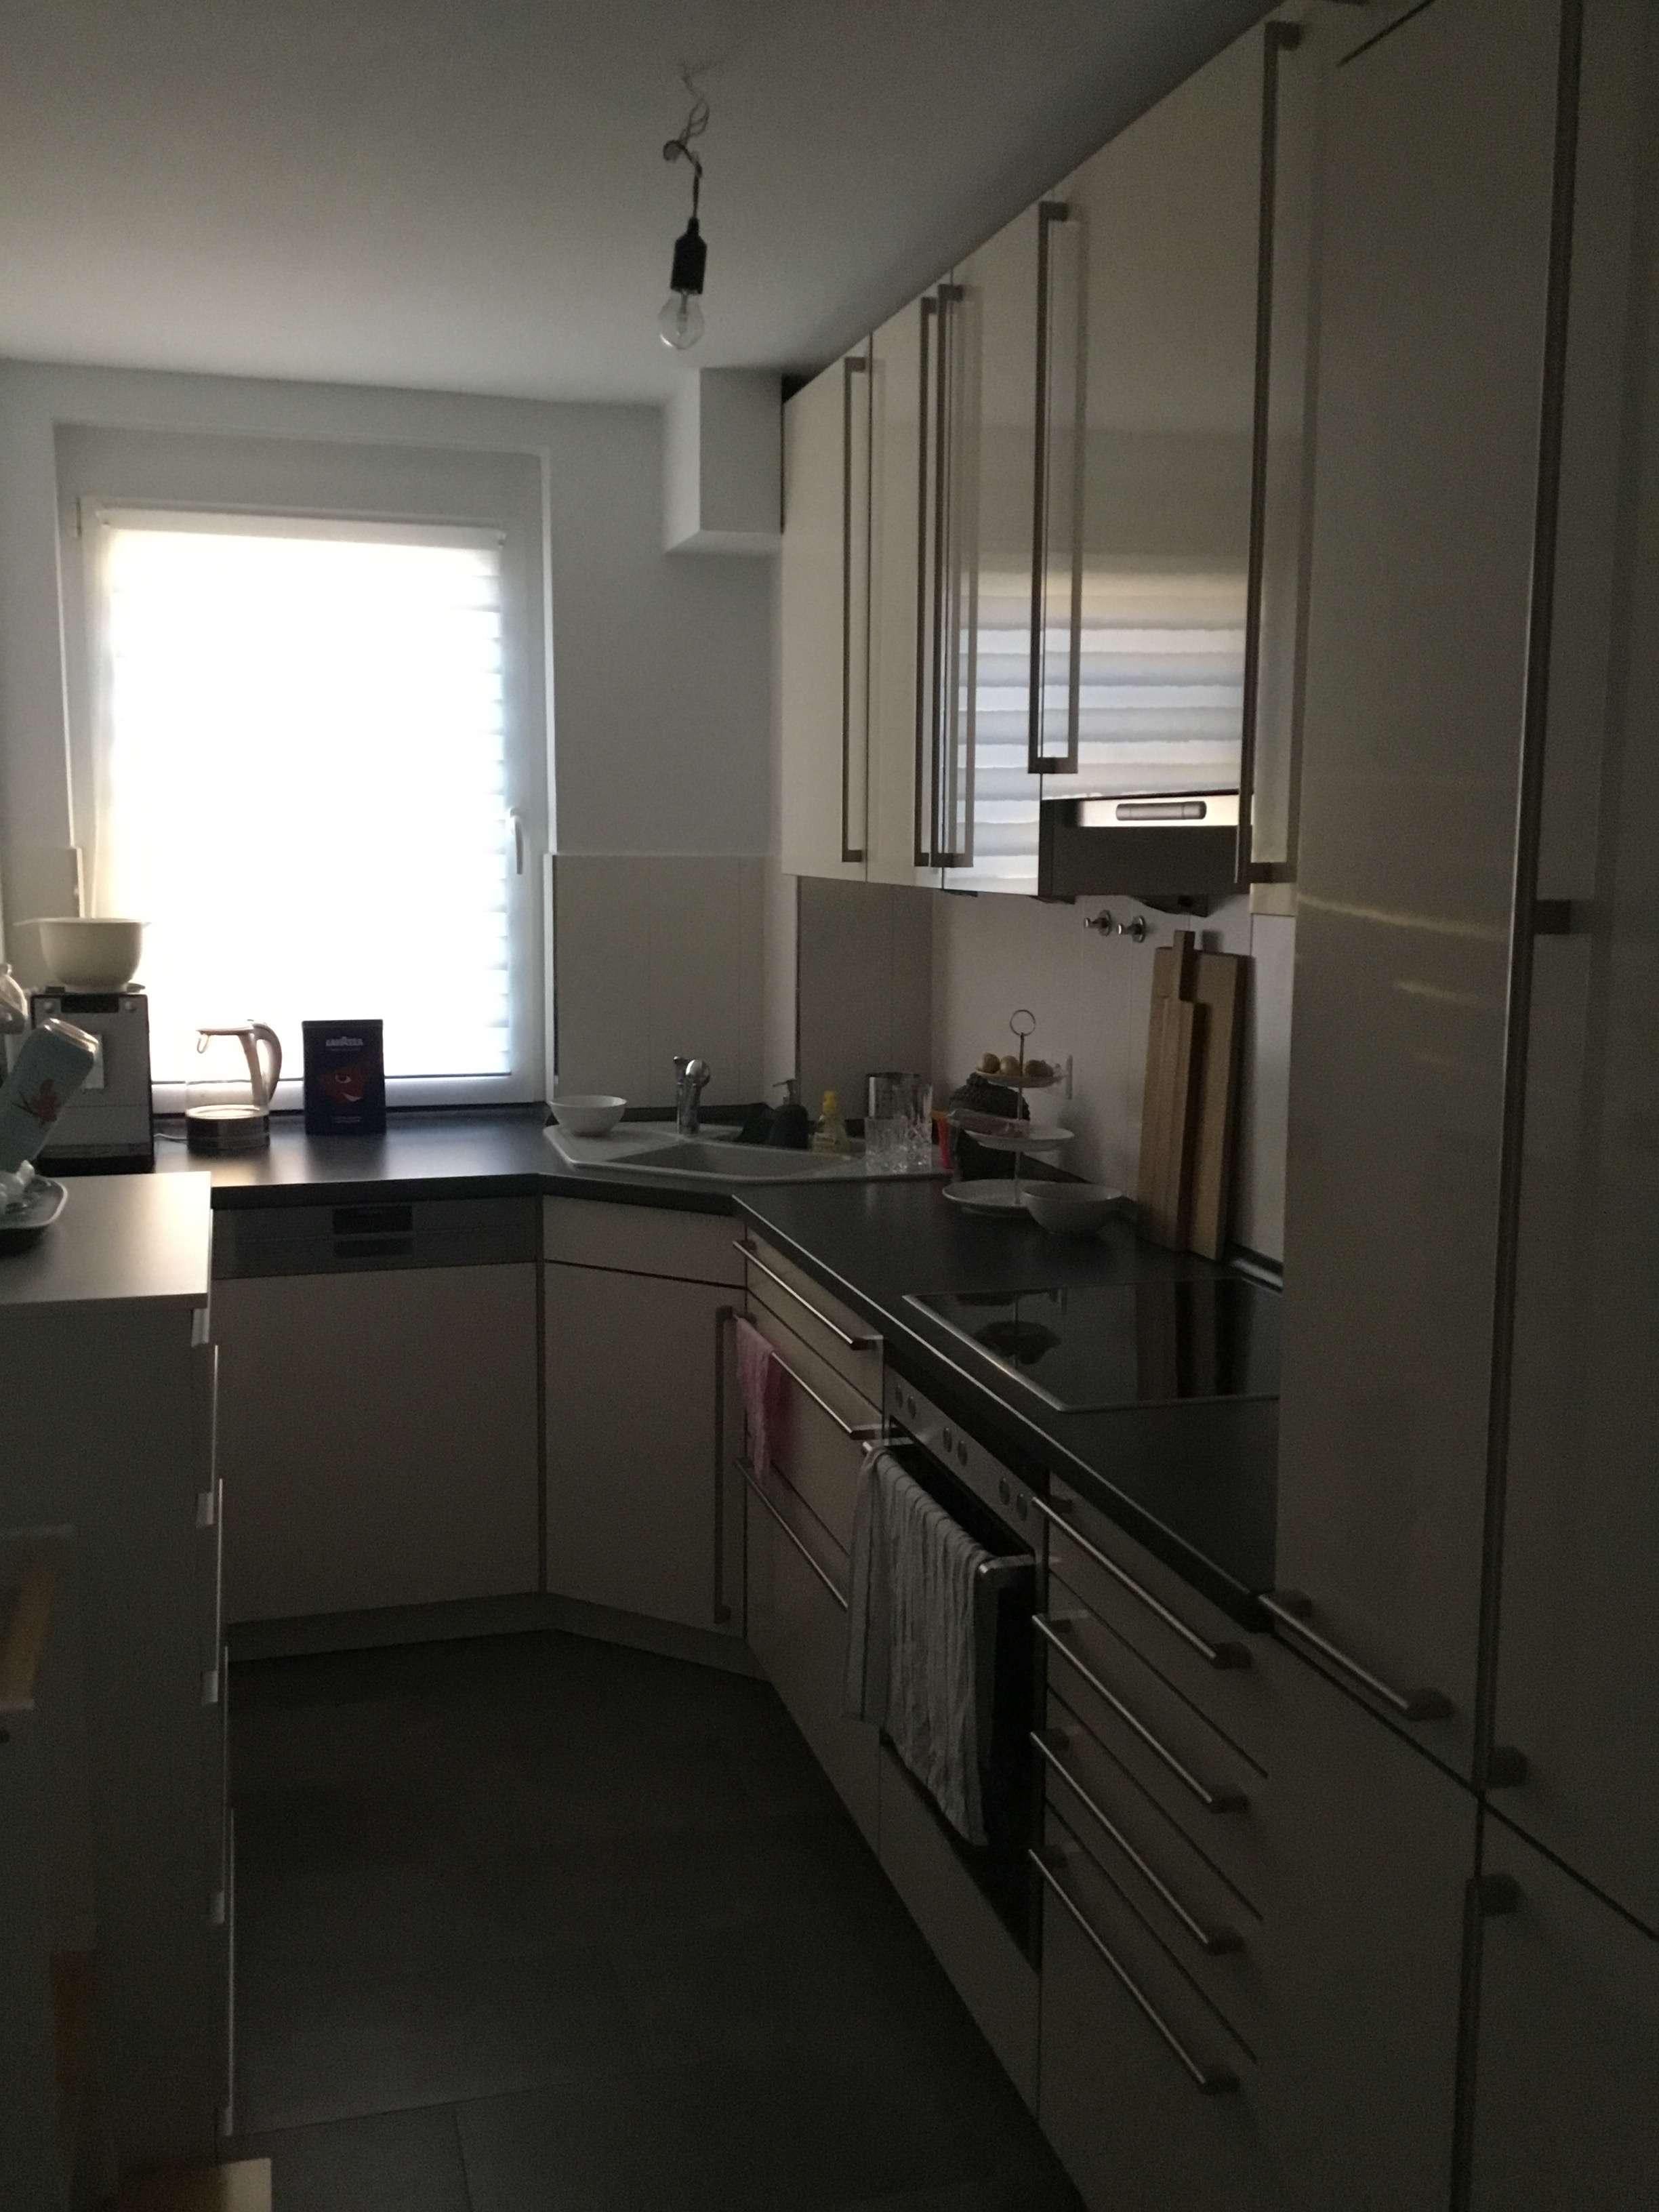 Stilvolle, 3-Zimmer-Maisonette-Wohnung mit Balkon und Einbauküche in Nürnberg, Nähe Südwestpark in